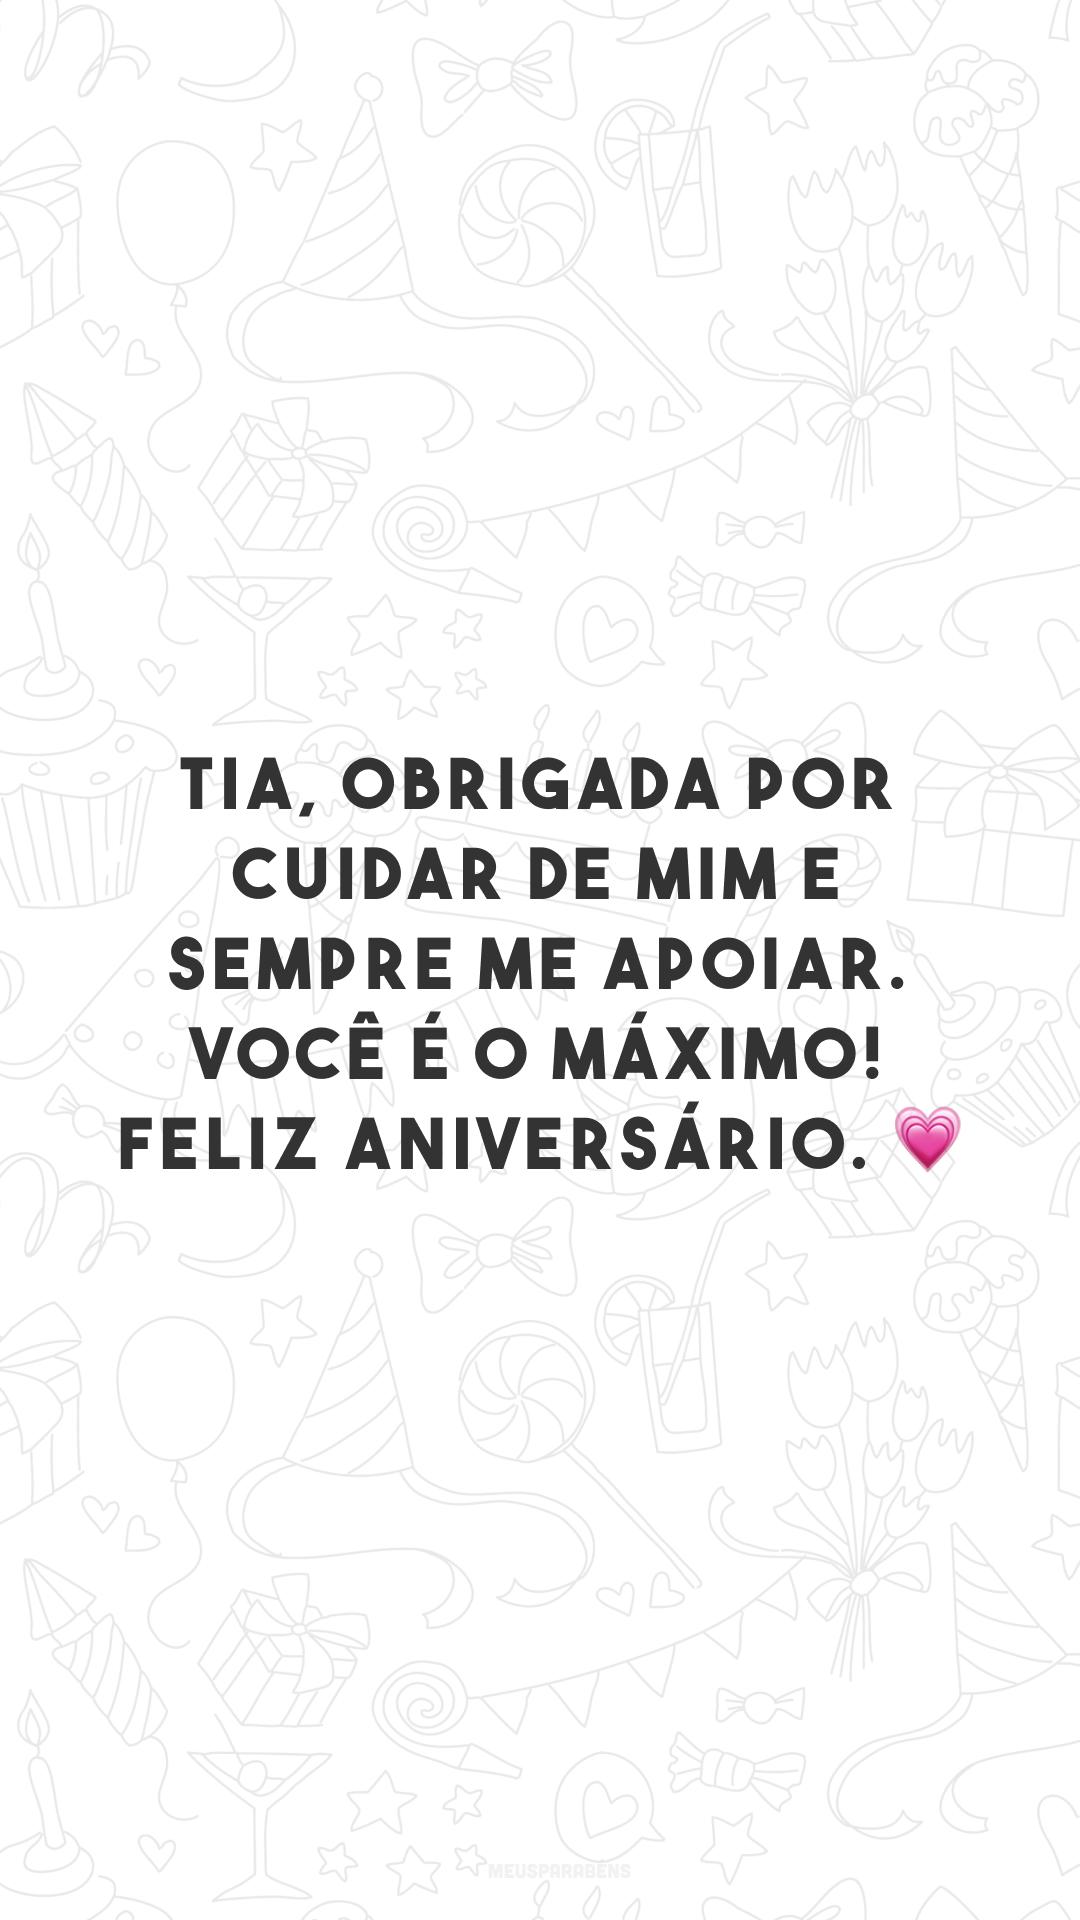 Tia, obrigada por cuidar de mim e sempre me apoiar. Você é o máximo! Feliz aniversário. 💗